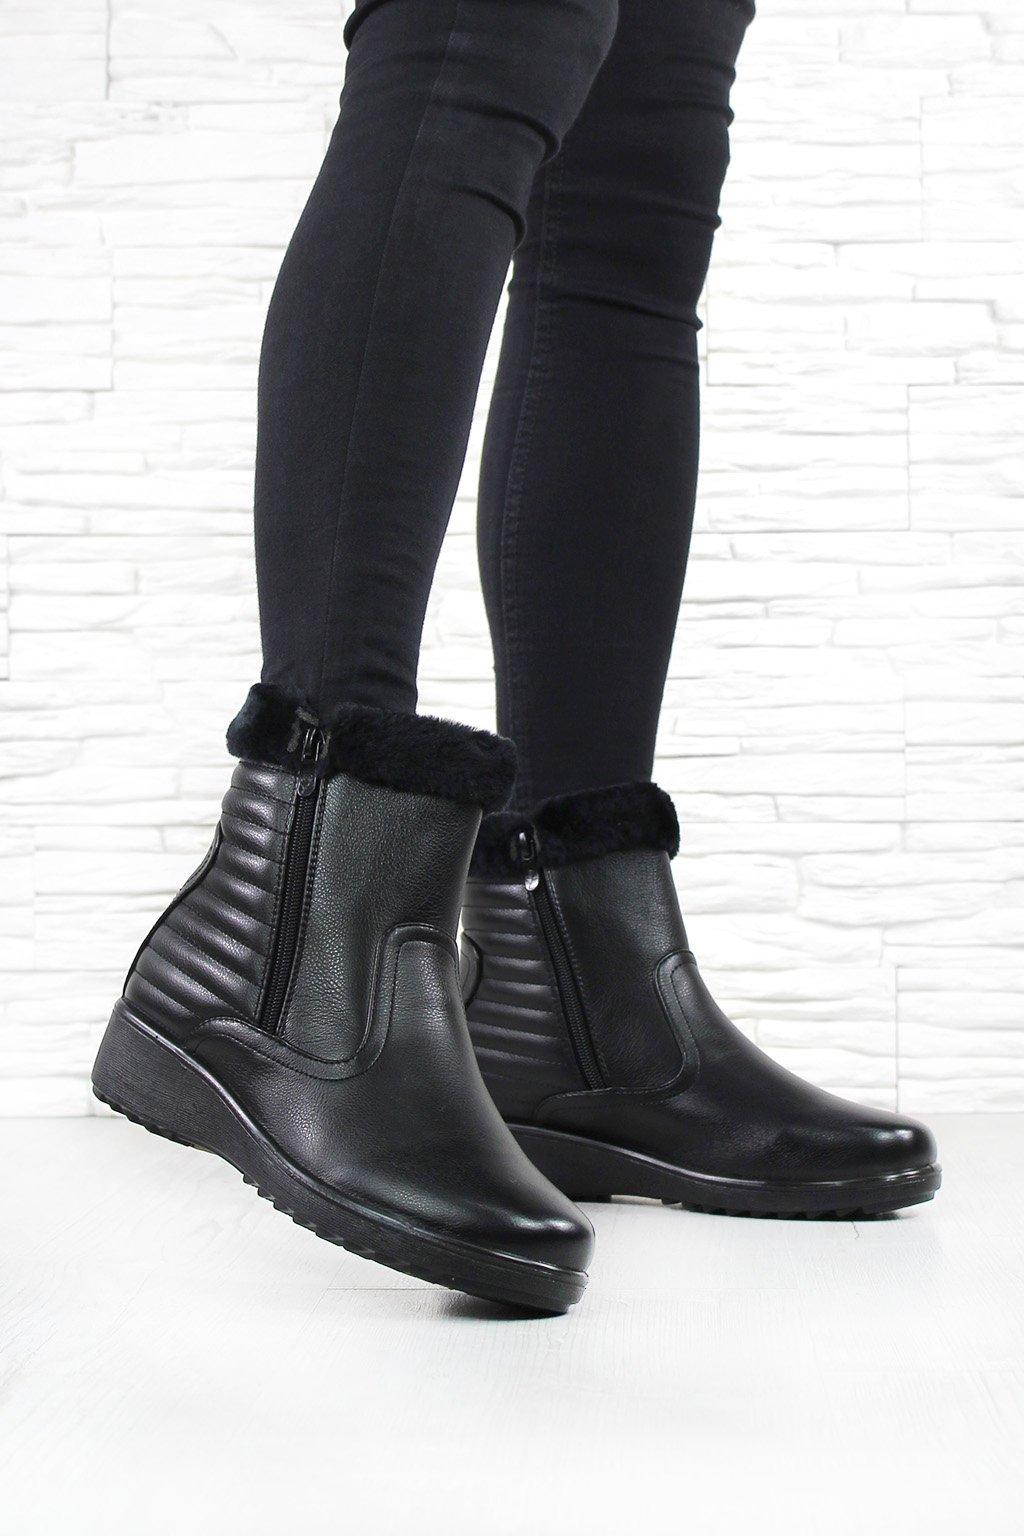 Dámské kotníkové boty DB024 1B (2)